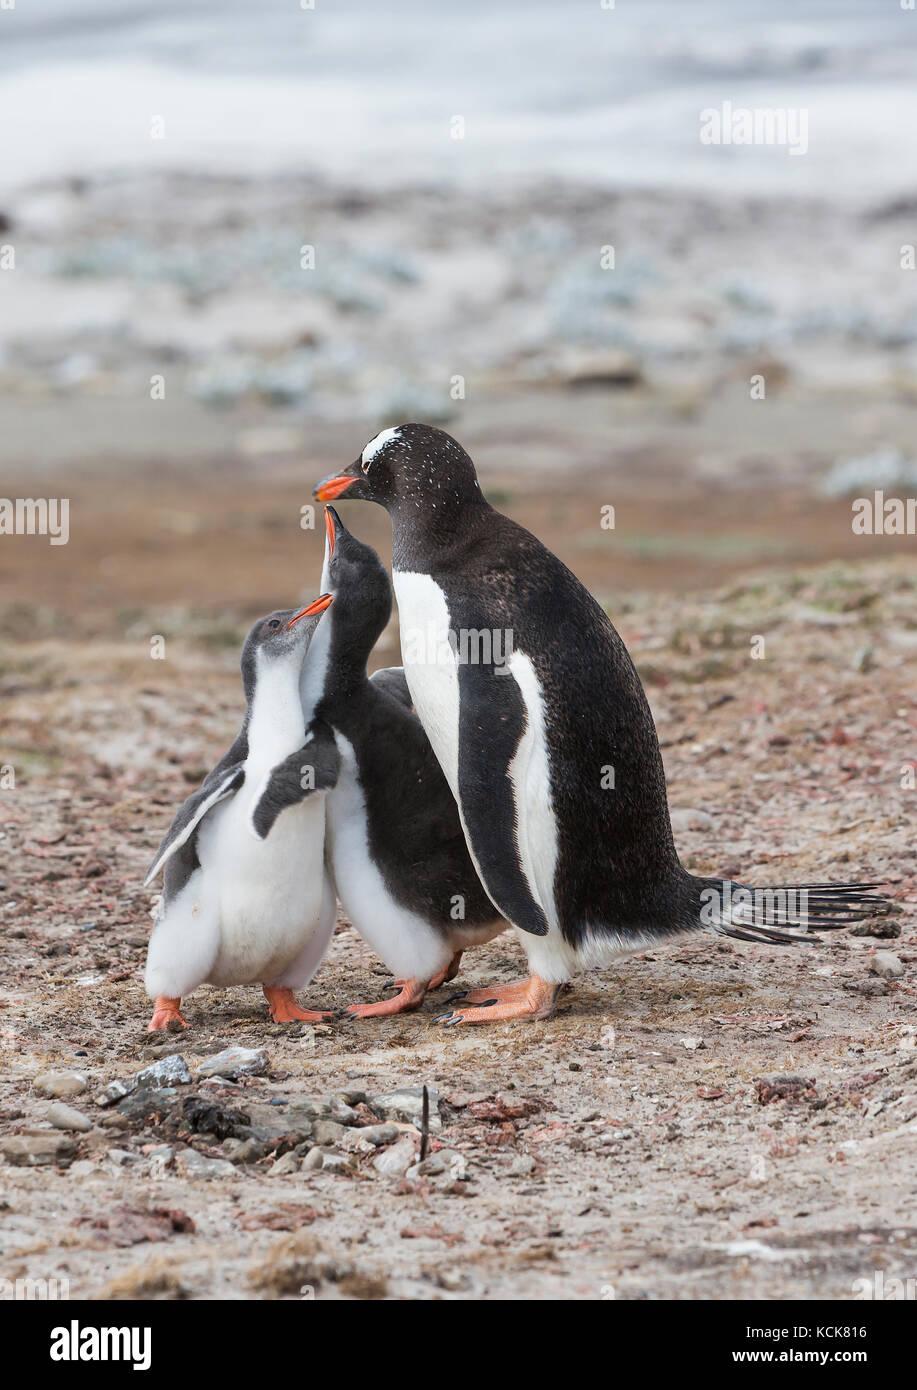 Pollitos intenta fomentar la alimentación desde un adulto pingüinos papúa (Pygoscelis papua) la Isla Imagen De Stock